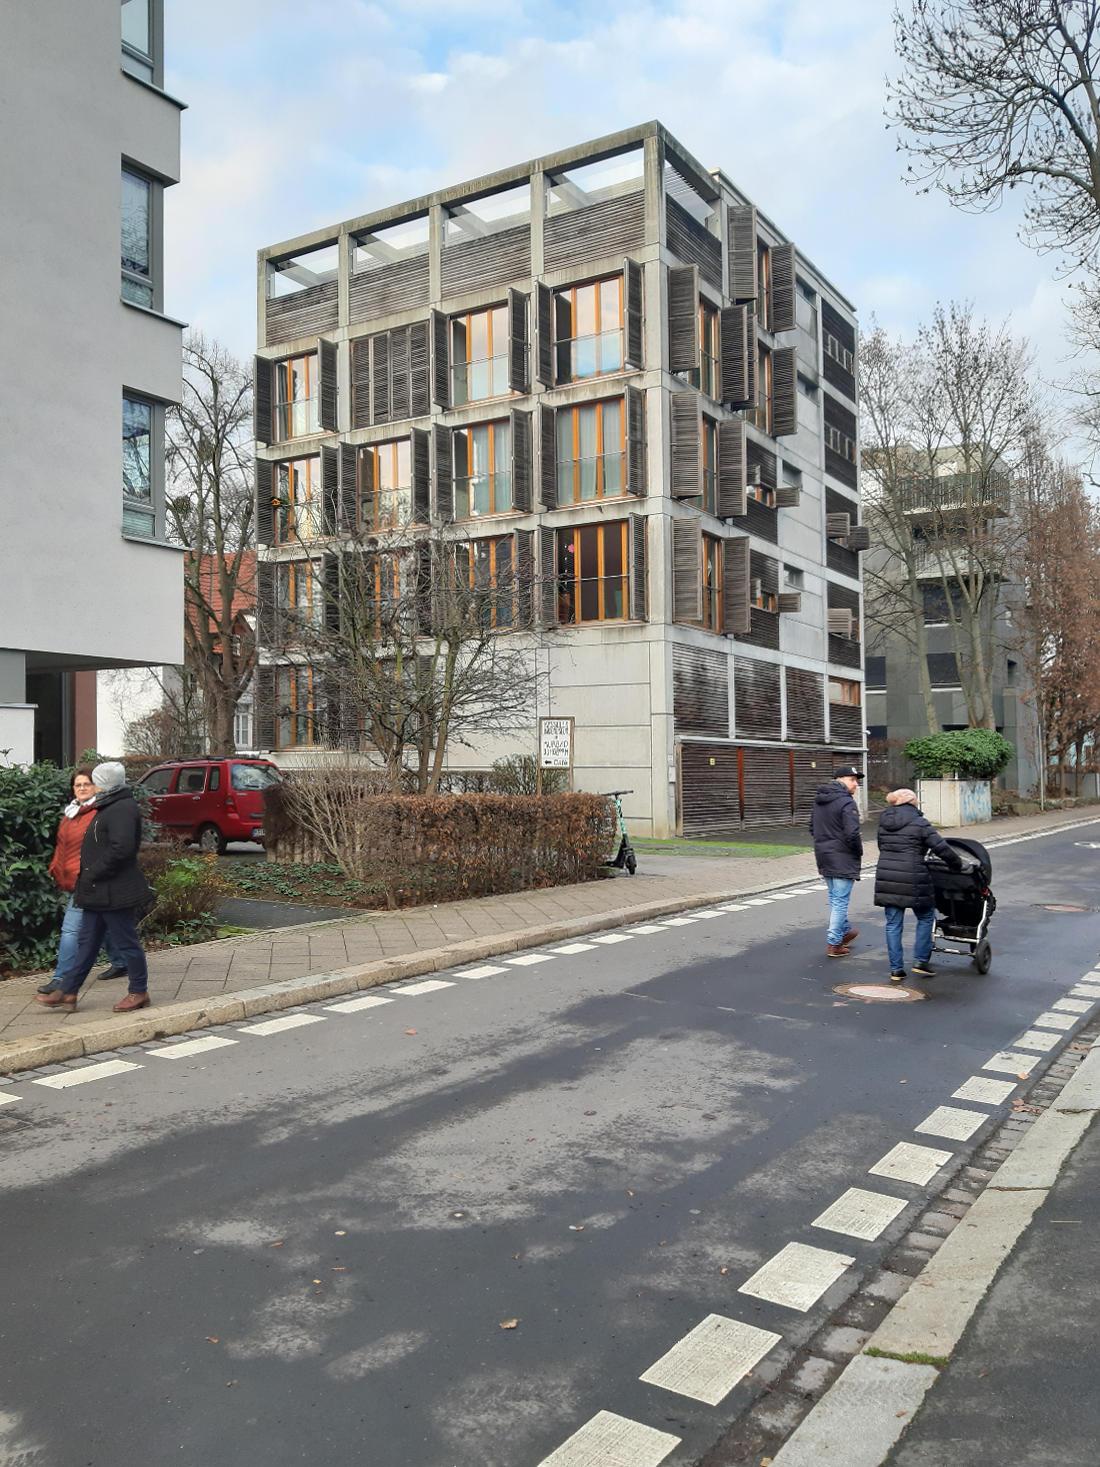 Kassel, Stadtvilla (Bild: Karin Berkemann, 2020)